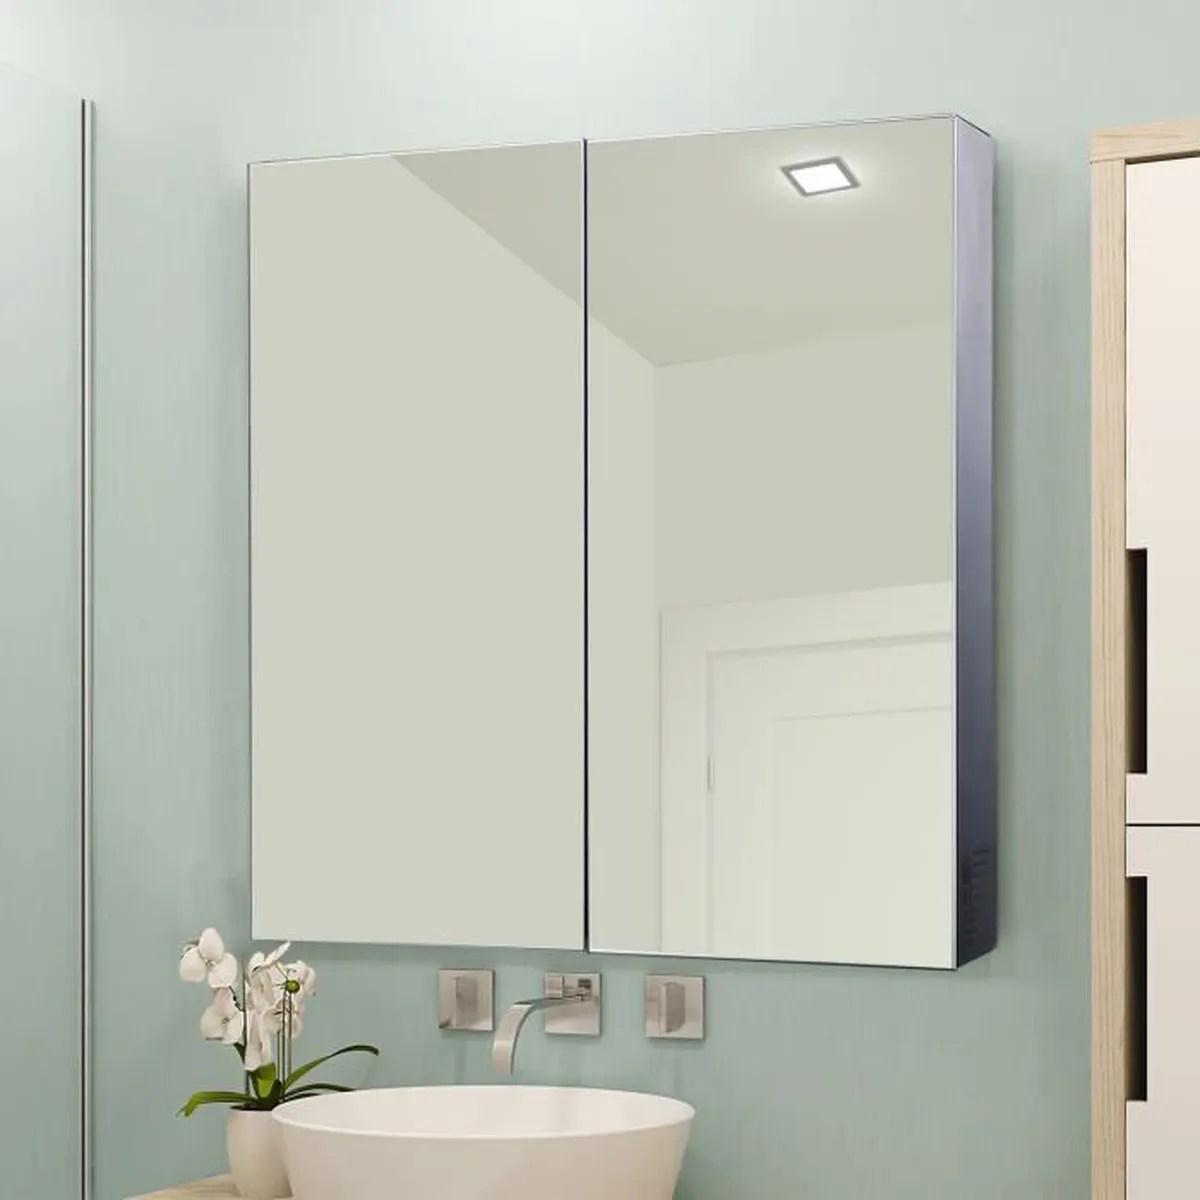 armoire a glace armoire a pharmacie miroir double porte 3 niveaux eclairage led interieur 60l x 11l x 60h cm acier inoxydable 25